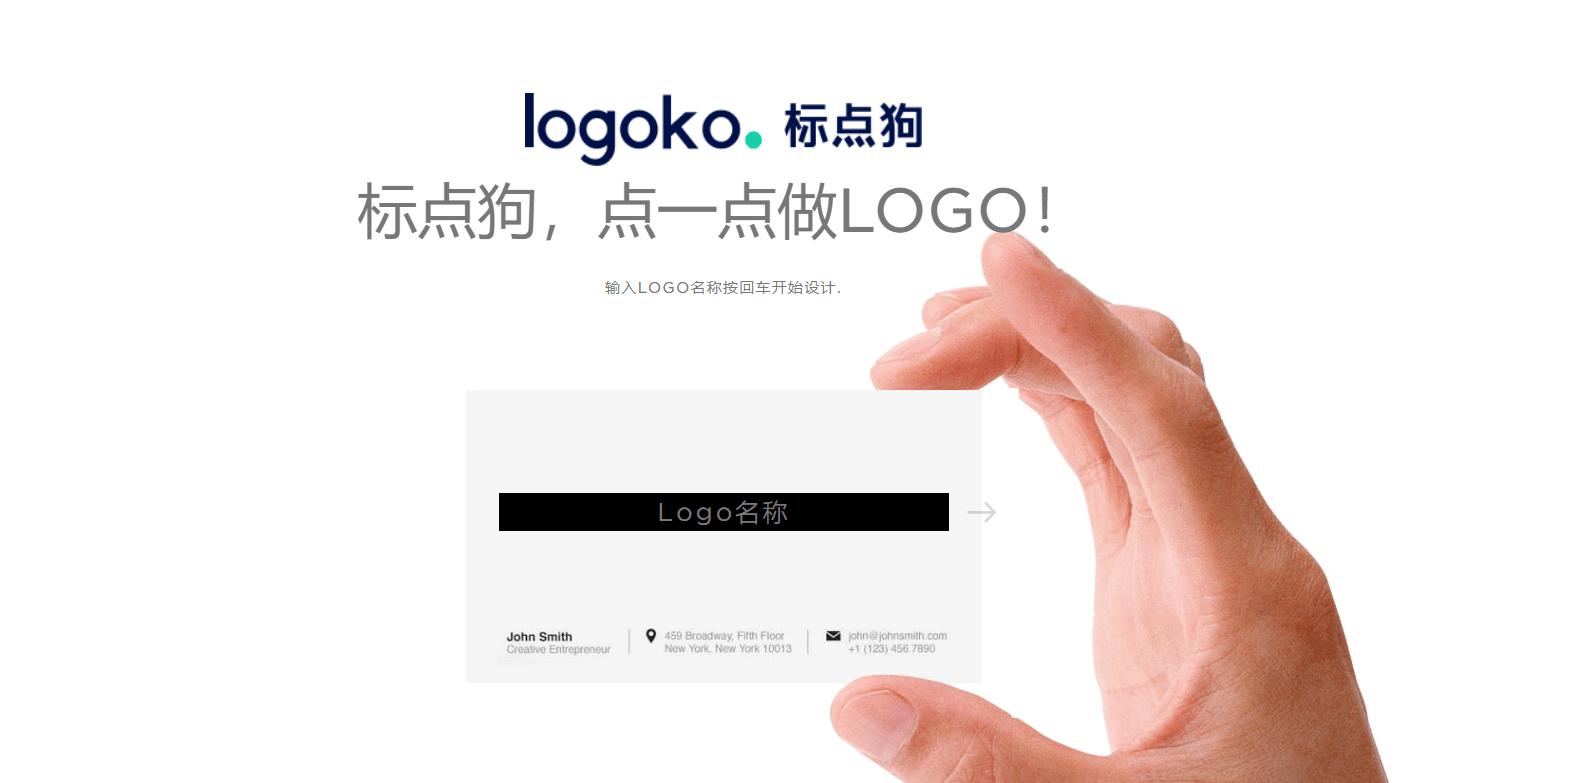 推荐一个logo免费设计的网站